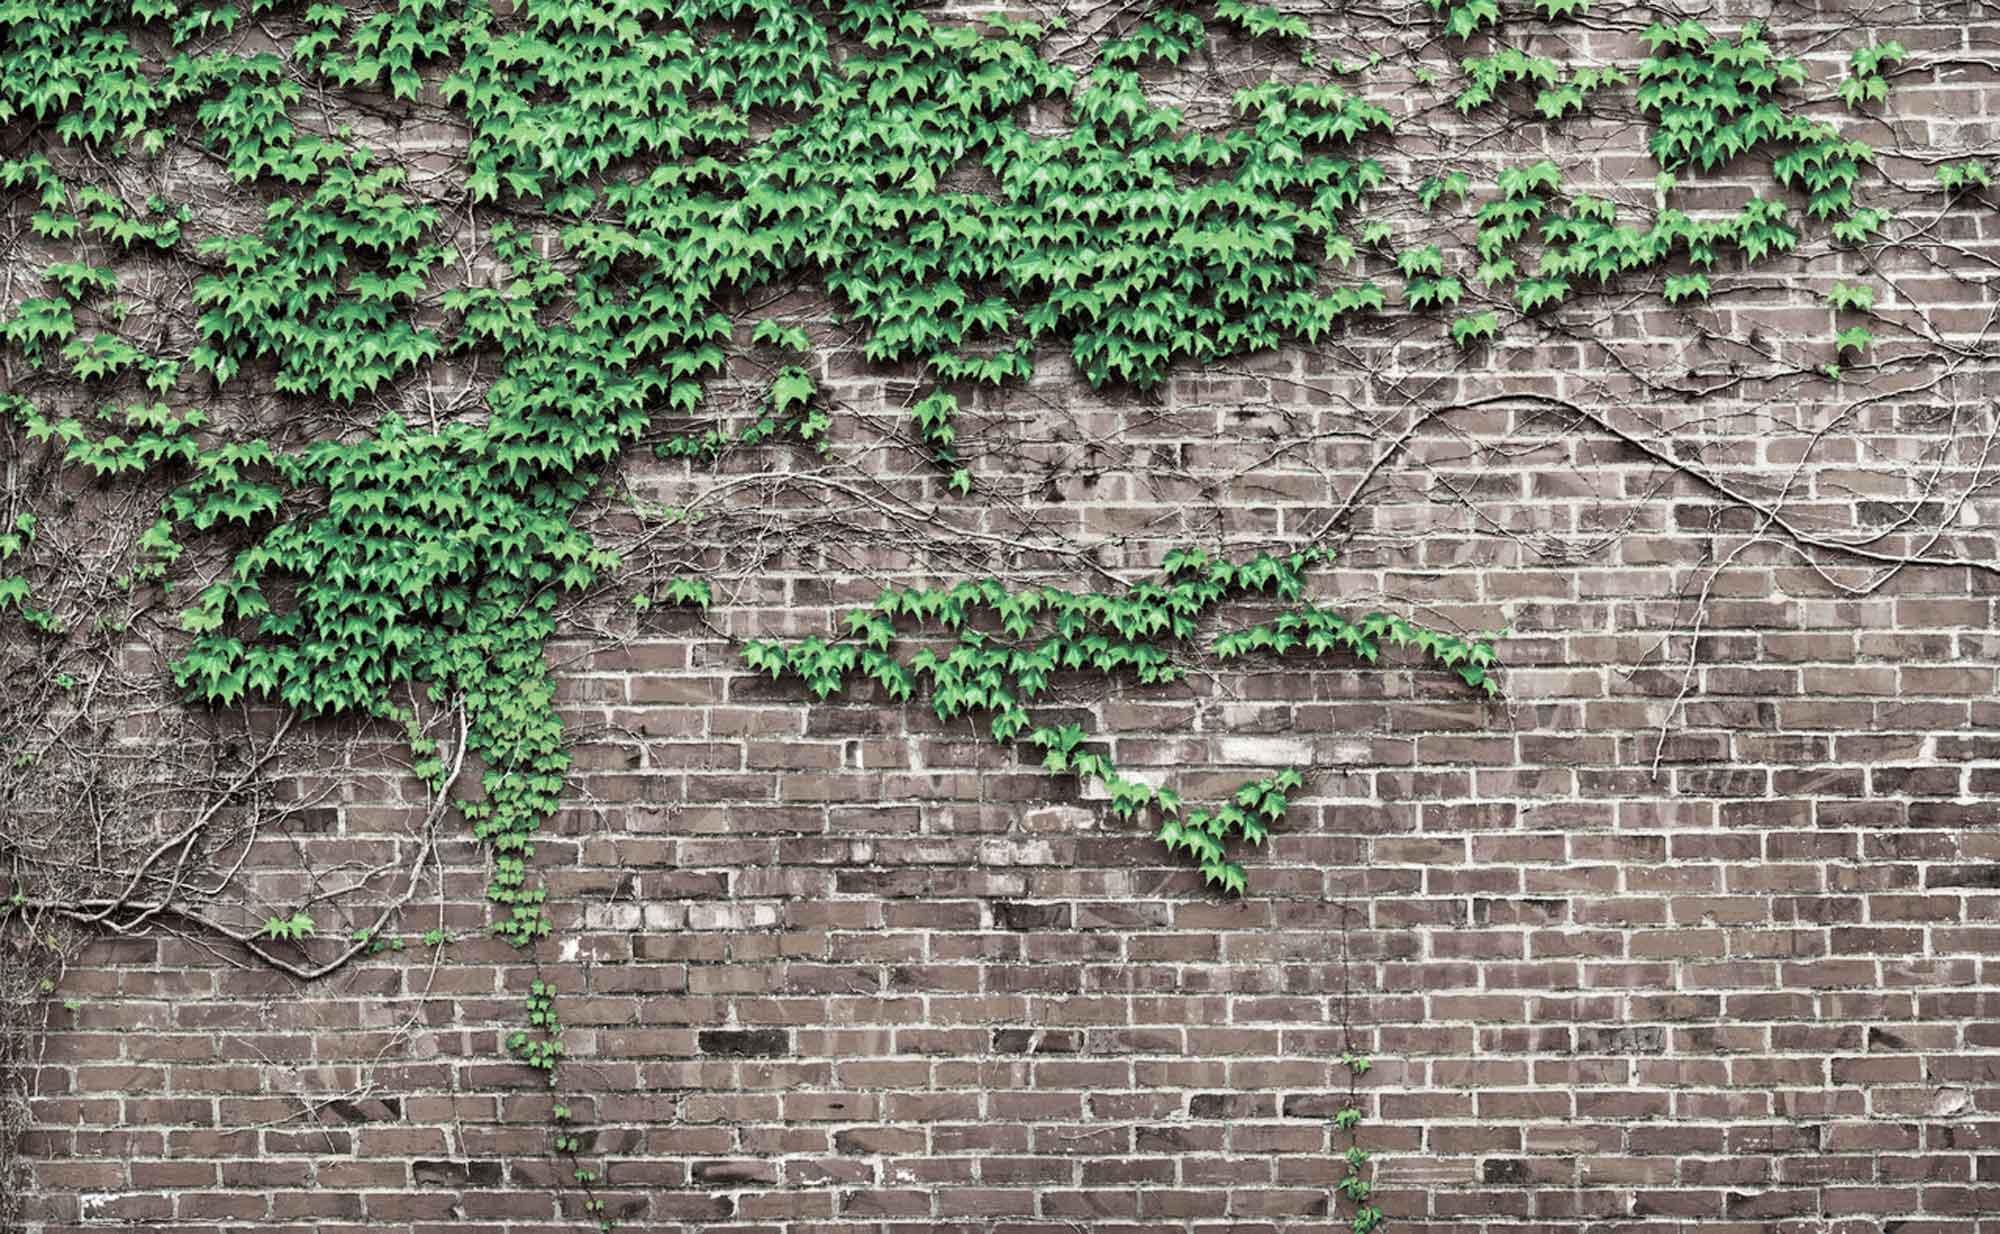 strutton-ground-openstudio-architects-ivy-brick-wall